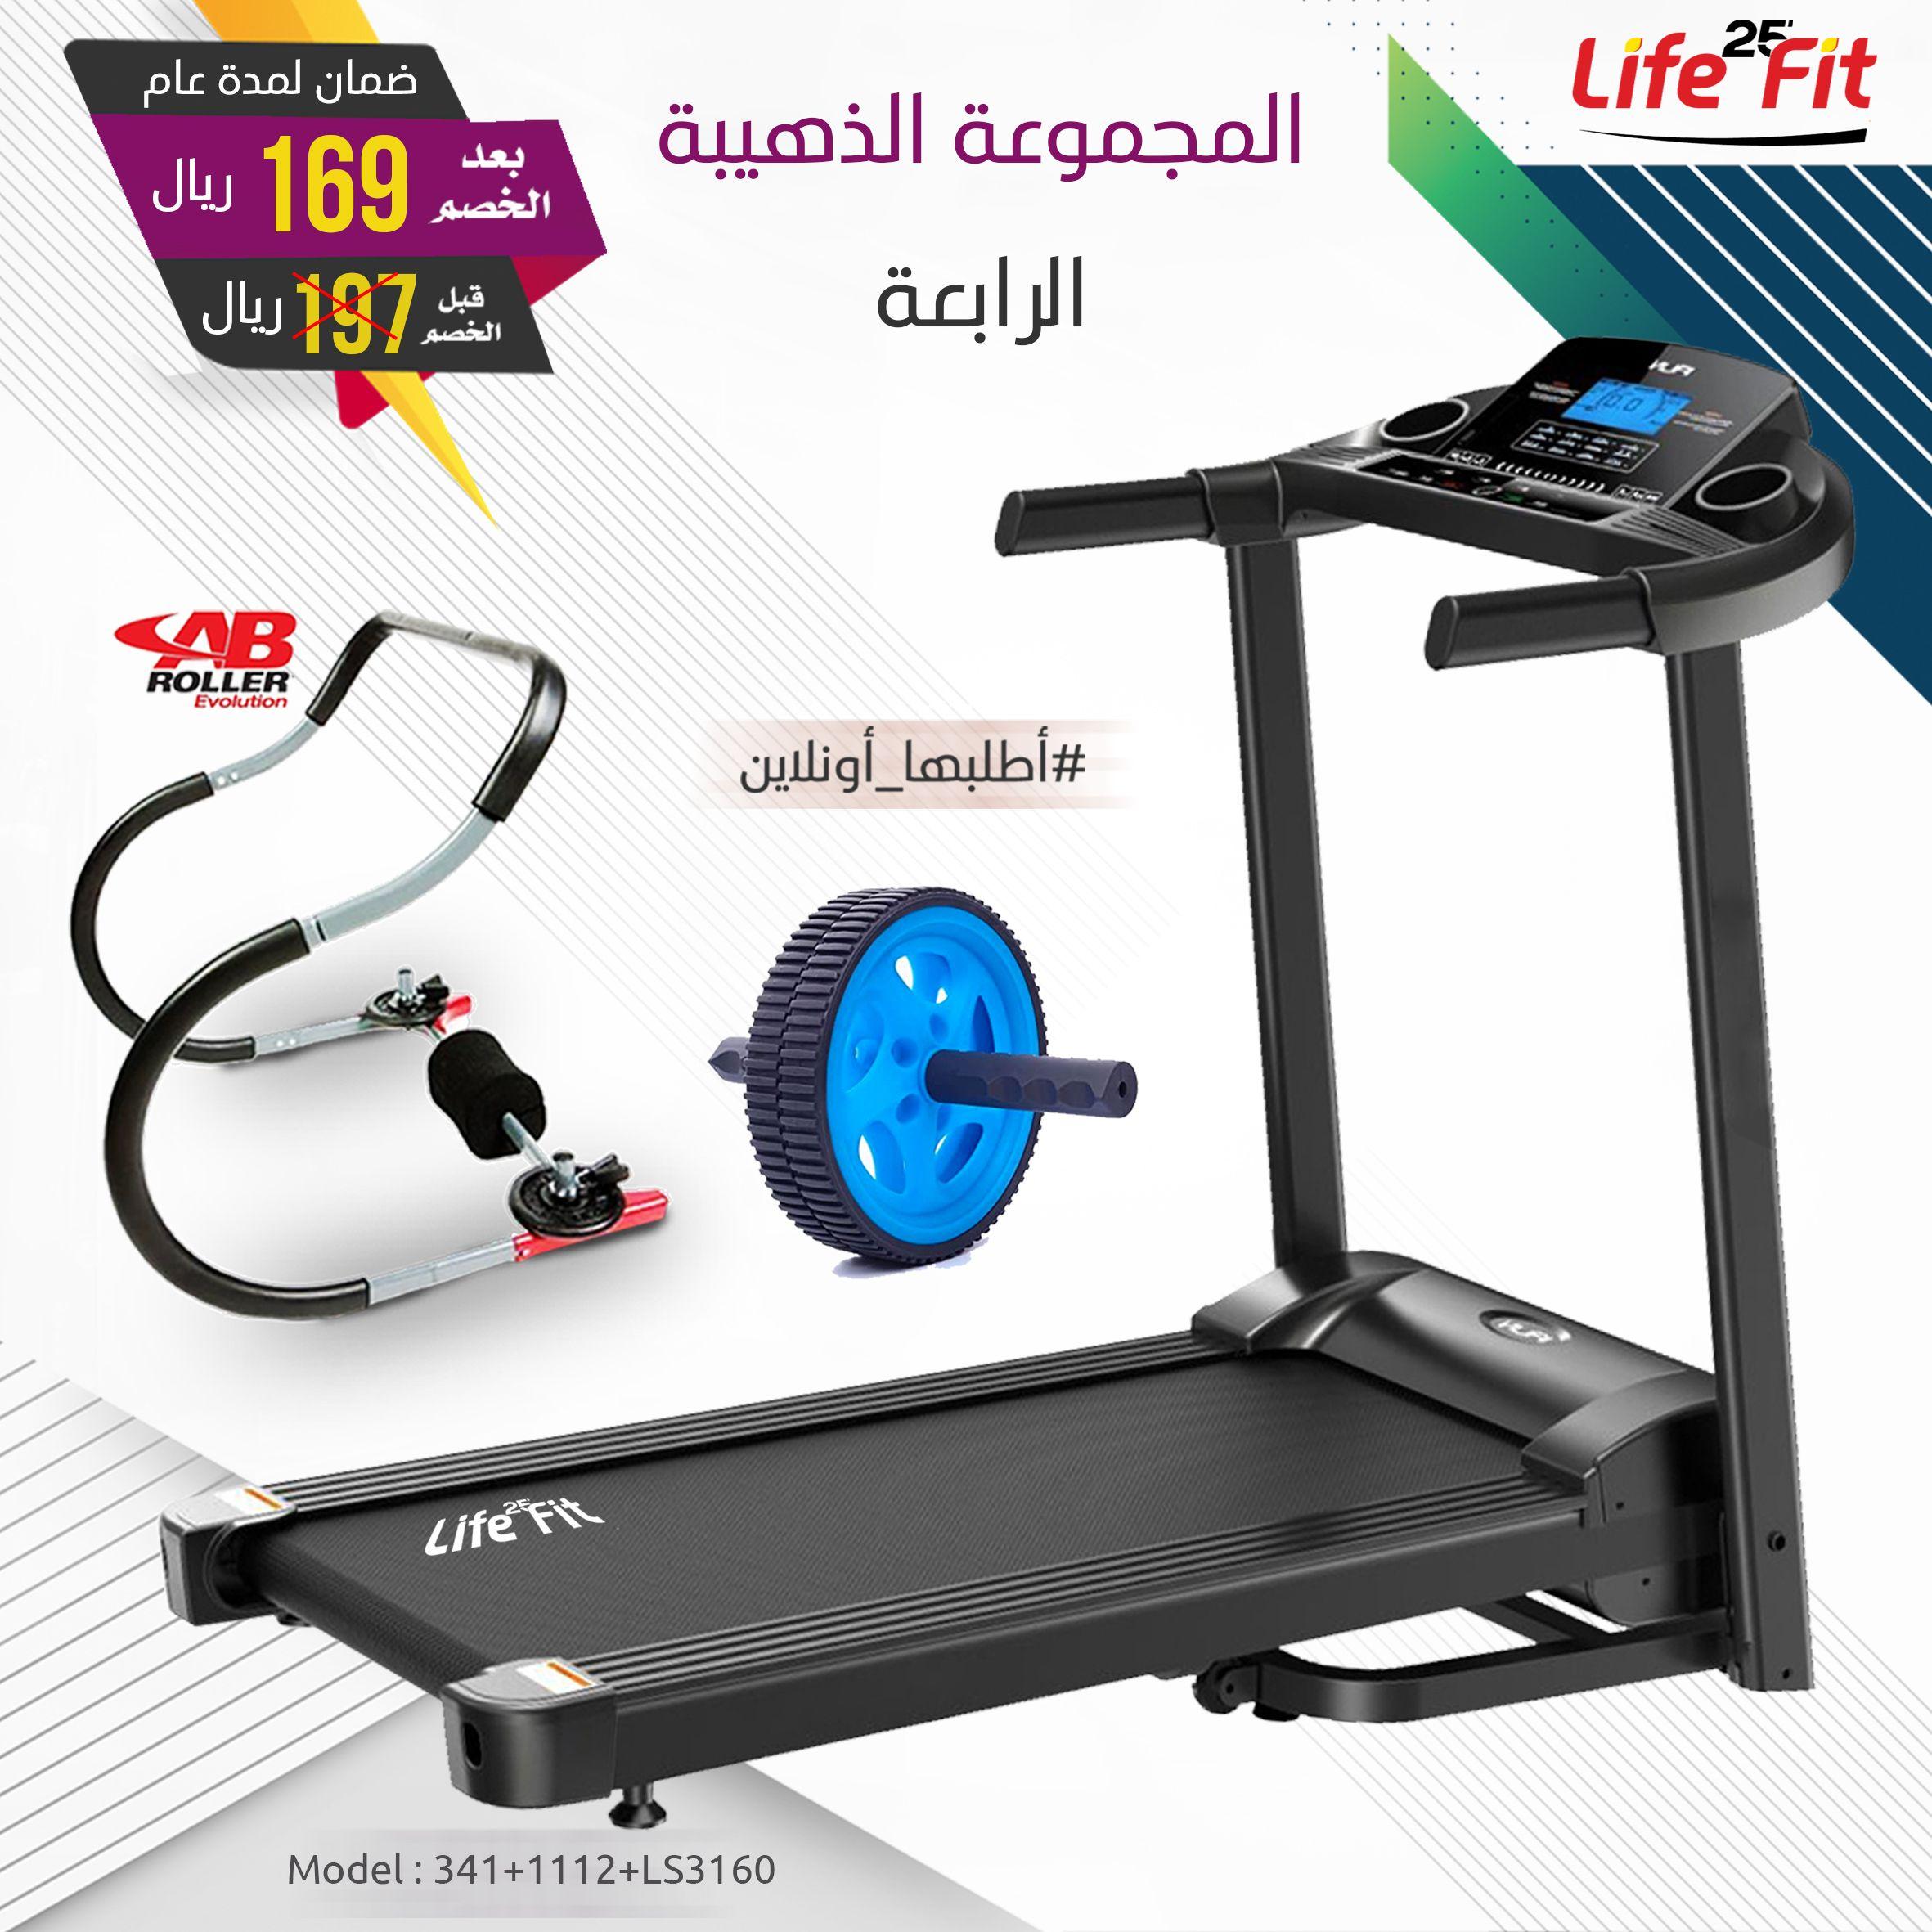 وصلنا حديثا أفضل المنتجات الرياضية من اولمبيا وباسعار تنافسية مع خدمة توصيل لجميع الولايات لدينا المزيد من المنتجات ال Gym Sultanate Of Oman Stuff To Buy